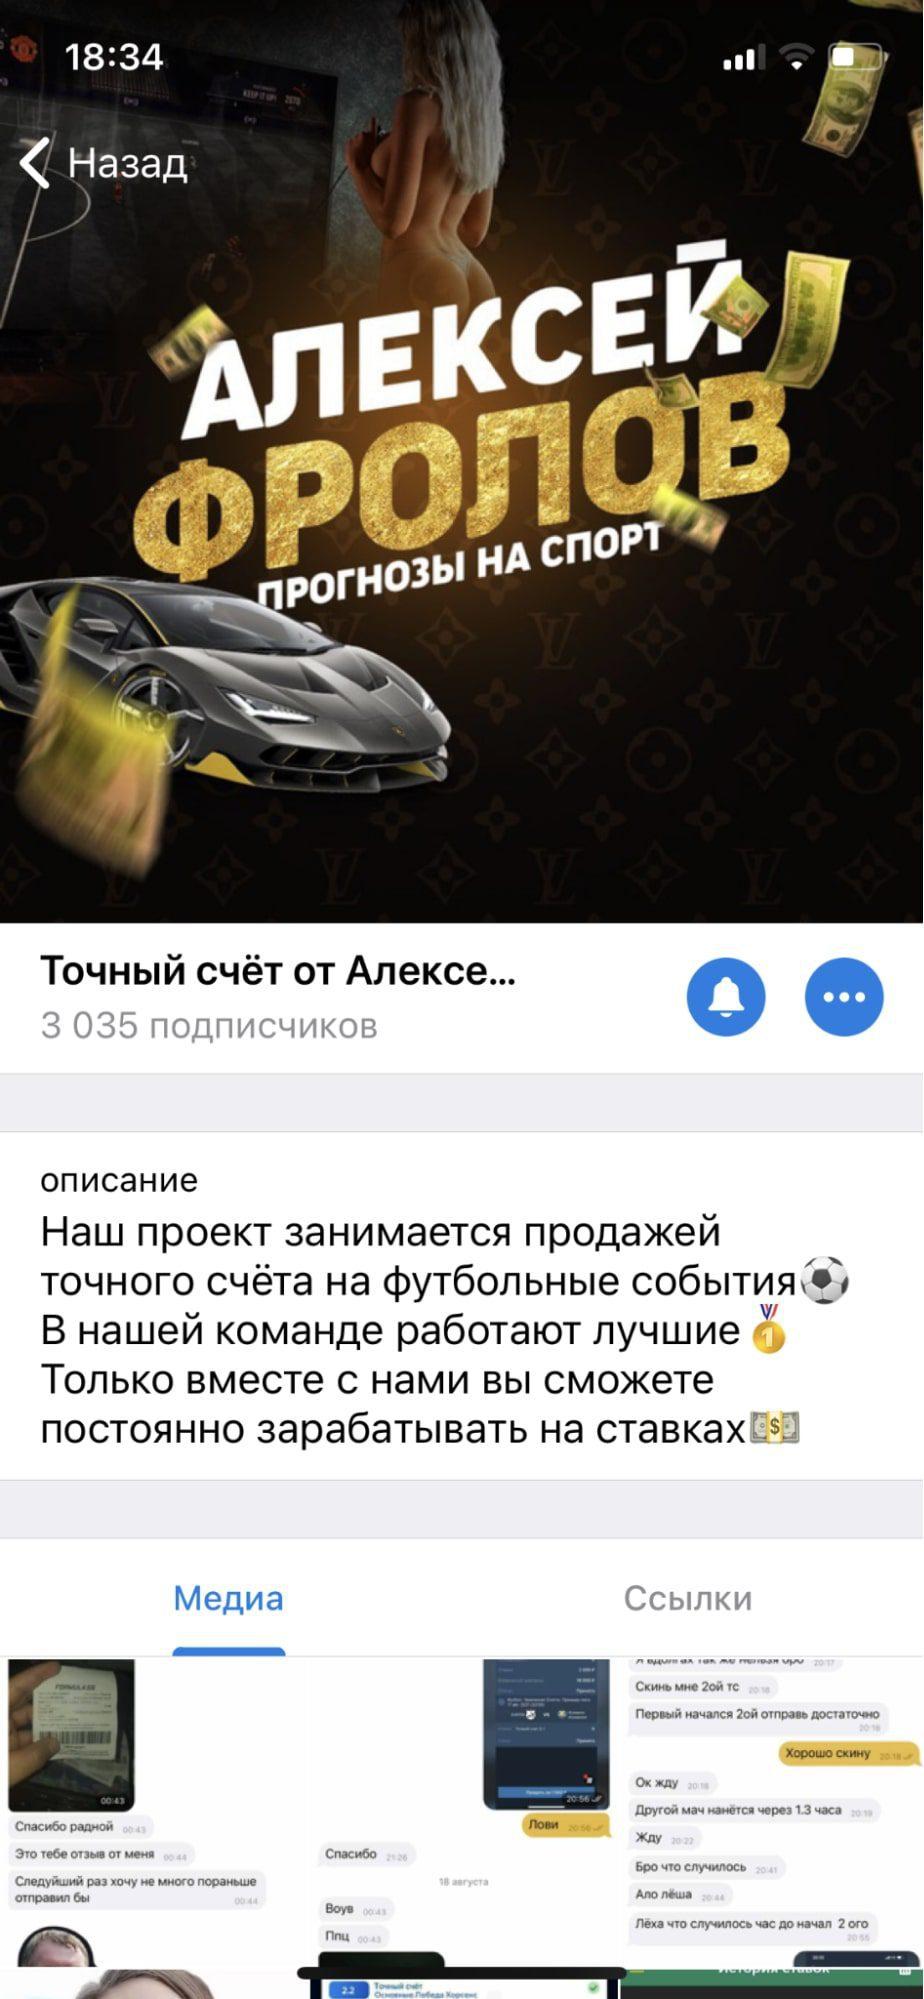 Телеграмм Точный счет от Алексея Фролова